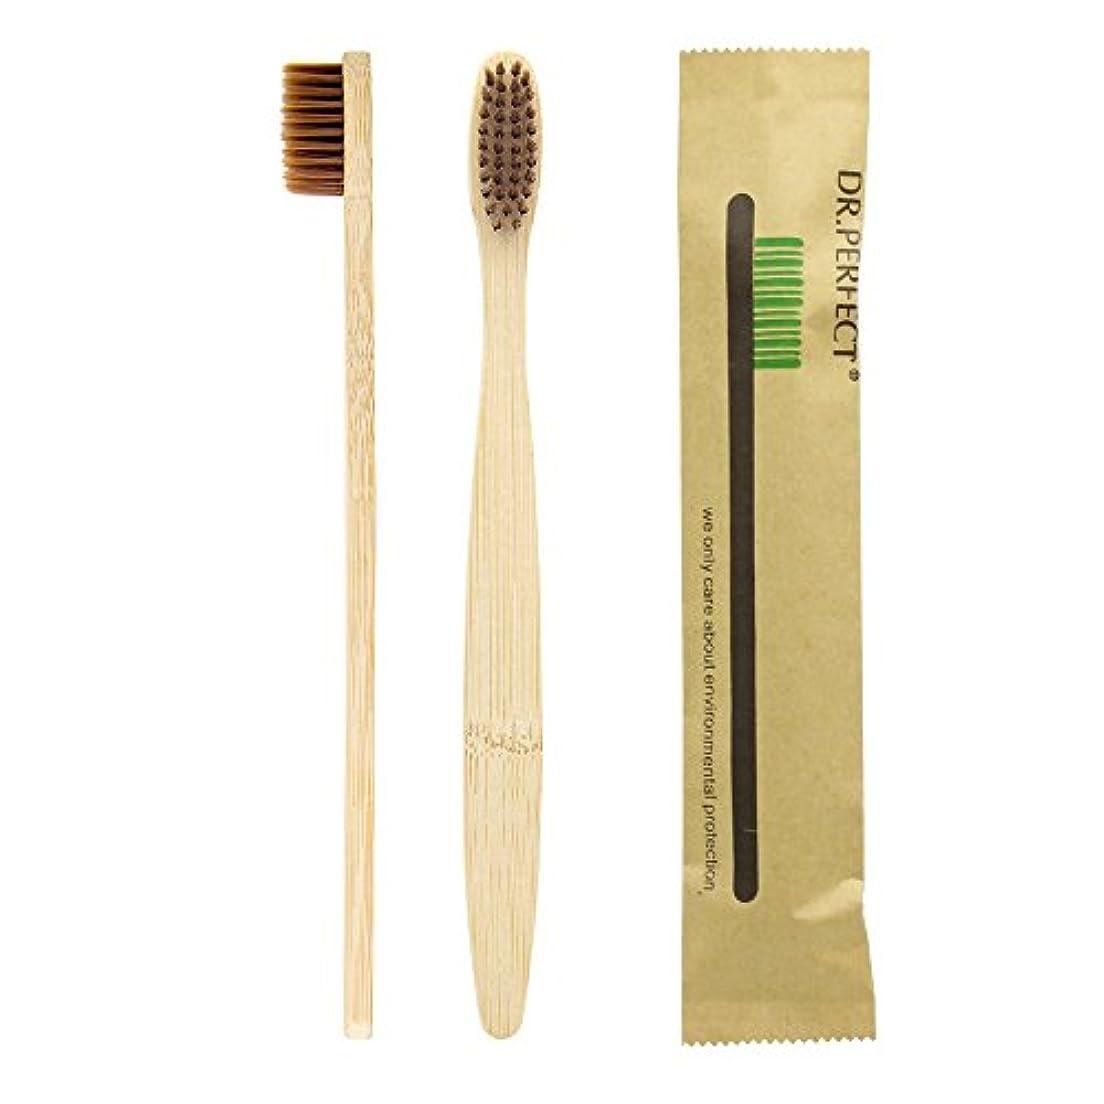 カウボーイあなたはに変わるDr.Perfect歯ブラシ竹製歯ブラシアダルト竹の歯ブラシ ナイロン毛 環境保護の歯ブラシ (ブラウン)